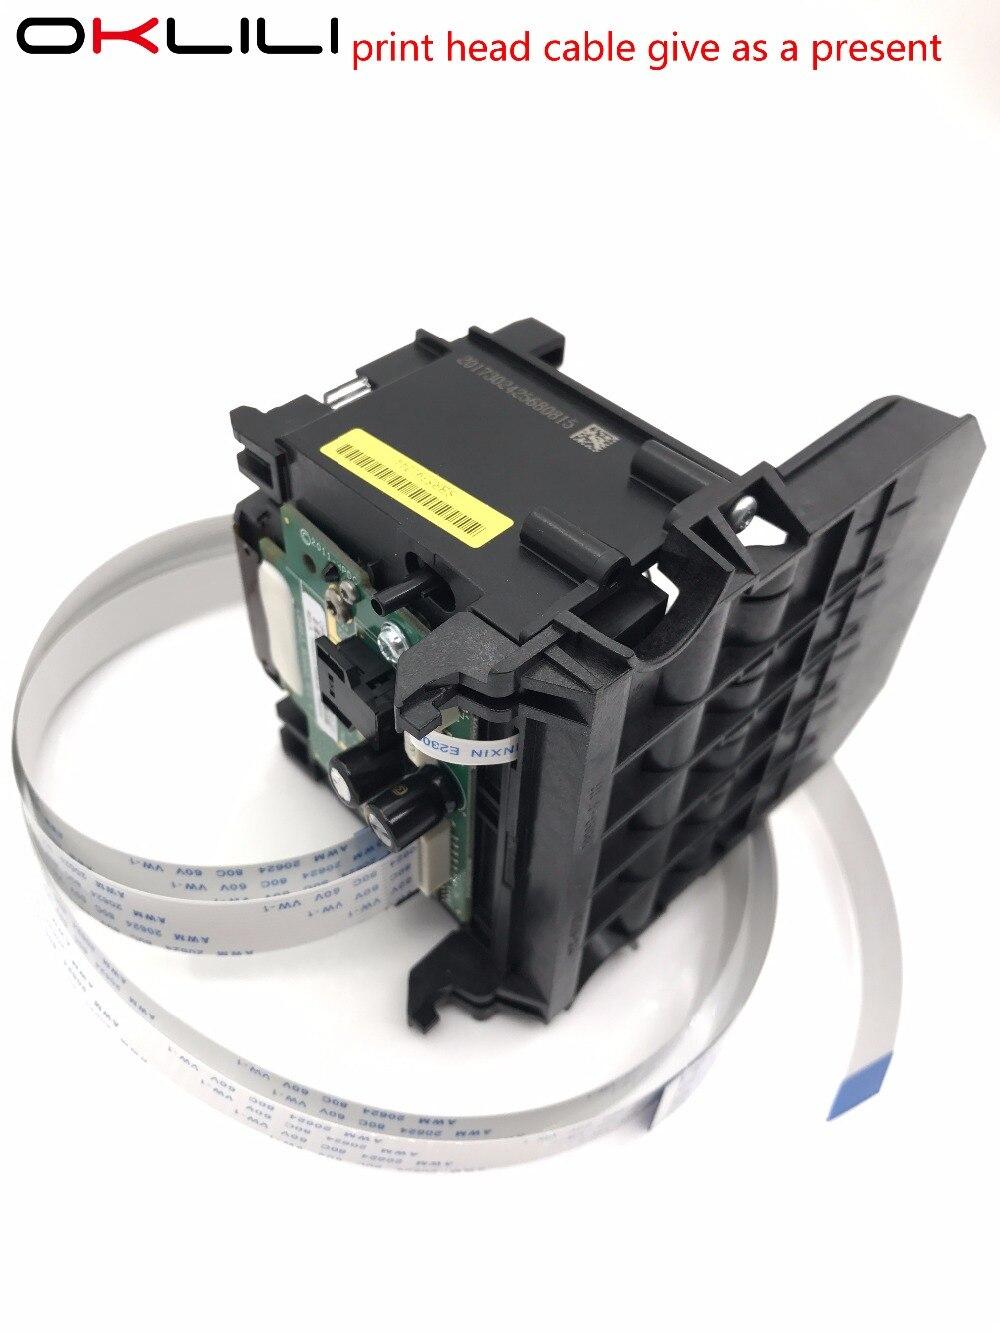 CB863-80013A CB863-80002A 932 933 932XL 933XL cabezal de impresión cabeza para HP 6060e 6100 6100e 6600 6700 7110 7600 7610 7612